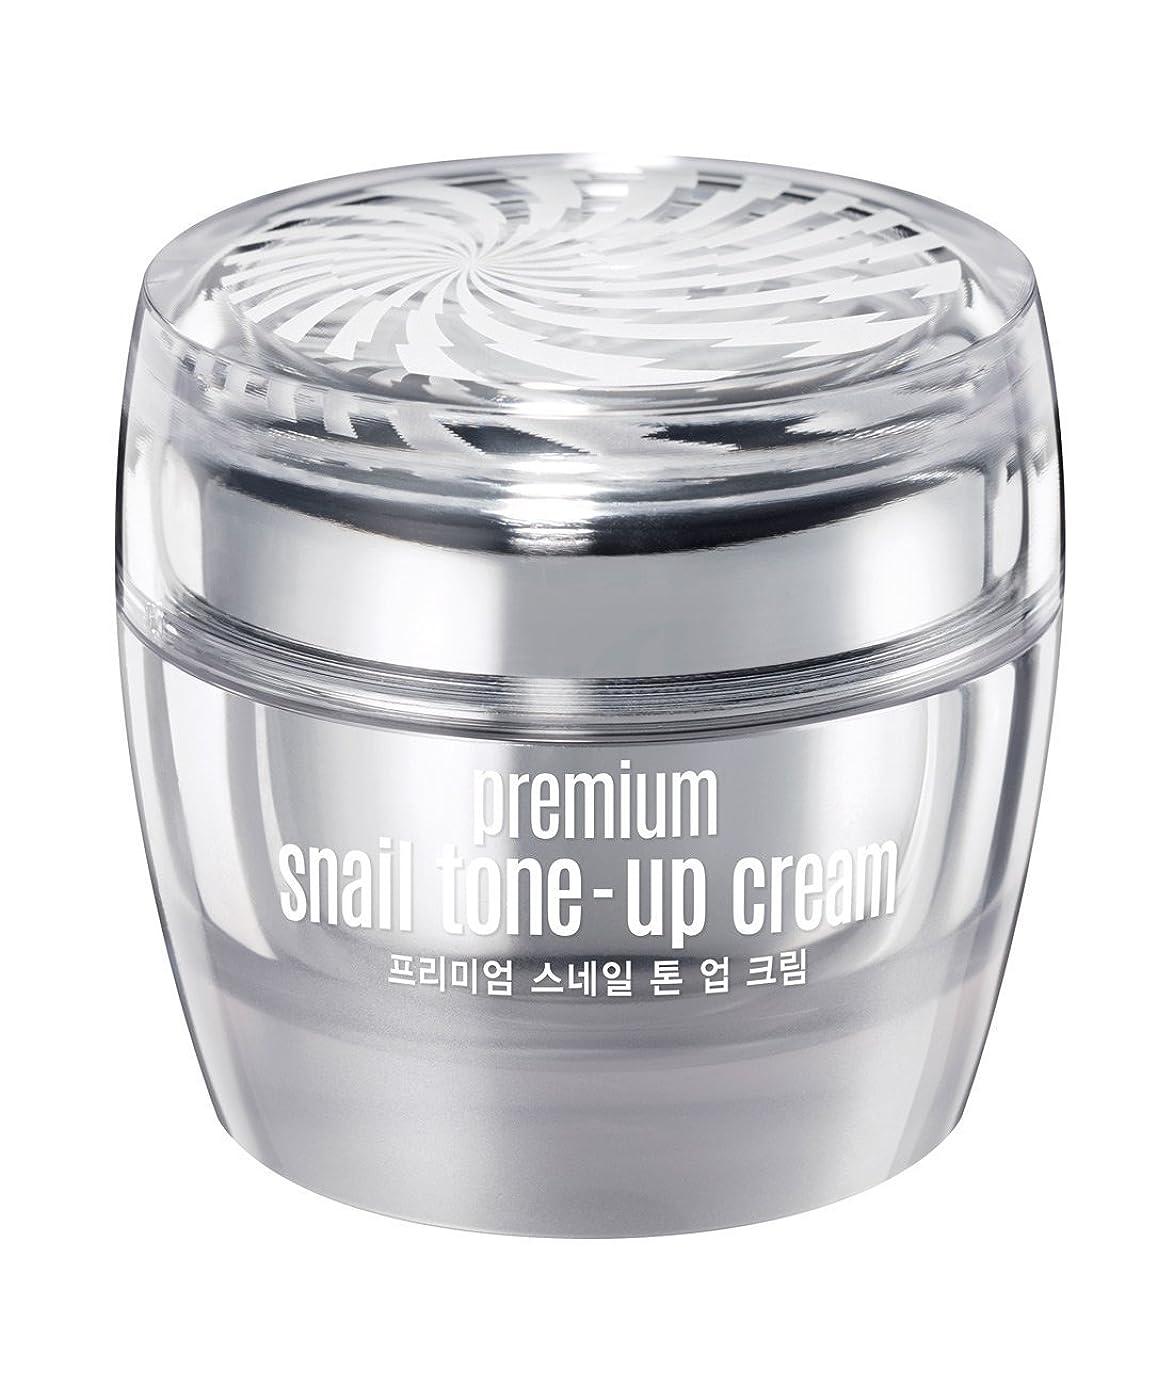 逃げるスナック命題Goodal Premium Snail Tone Up Whitening Cream 50ml プレミアムカタツムリトーンアップクリーム